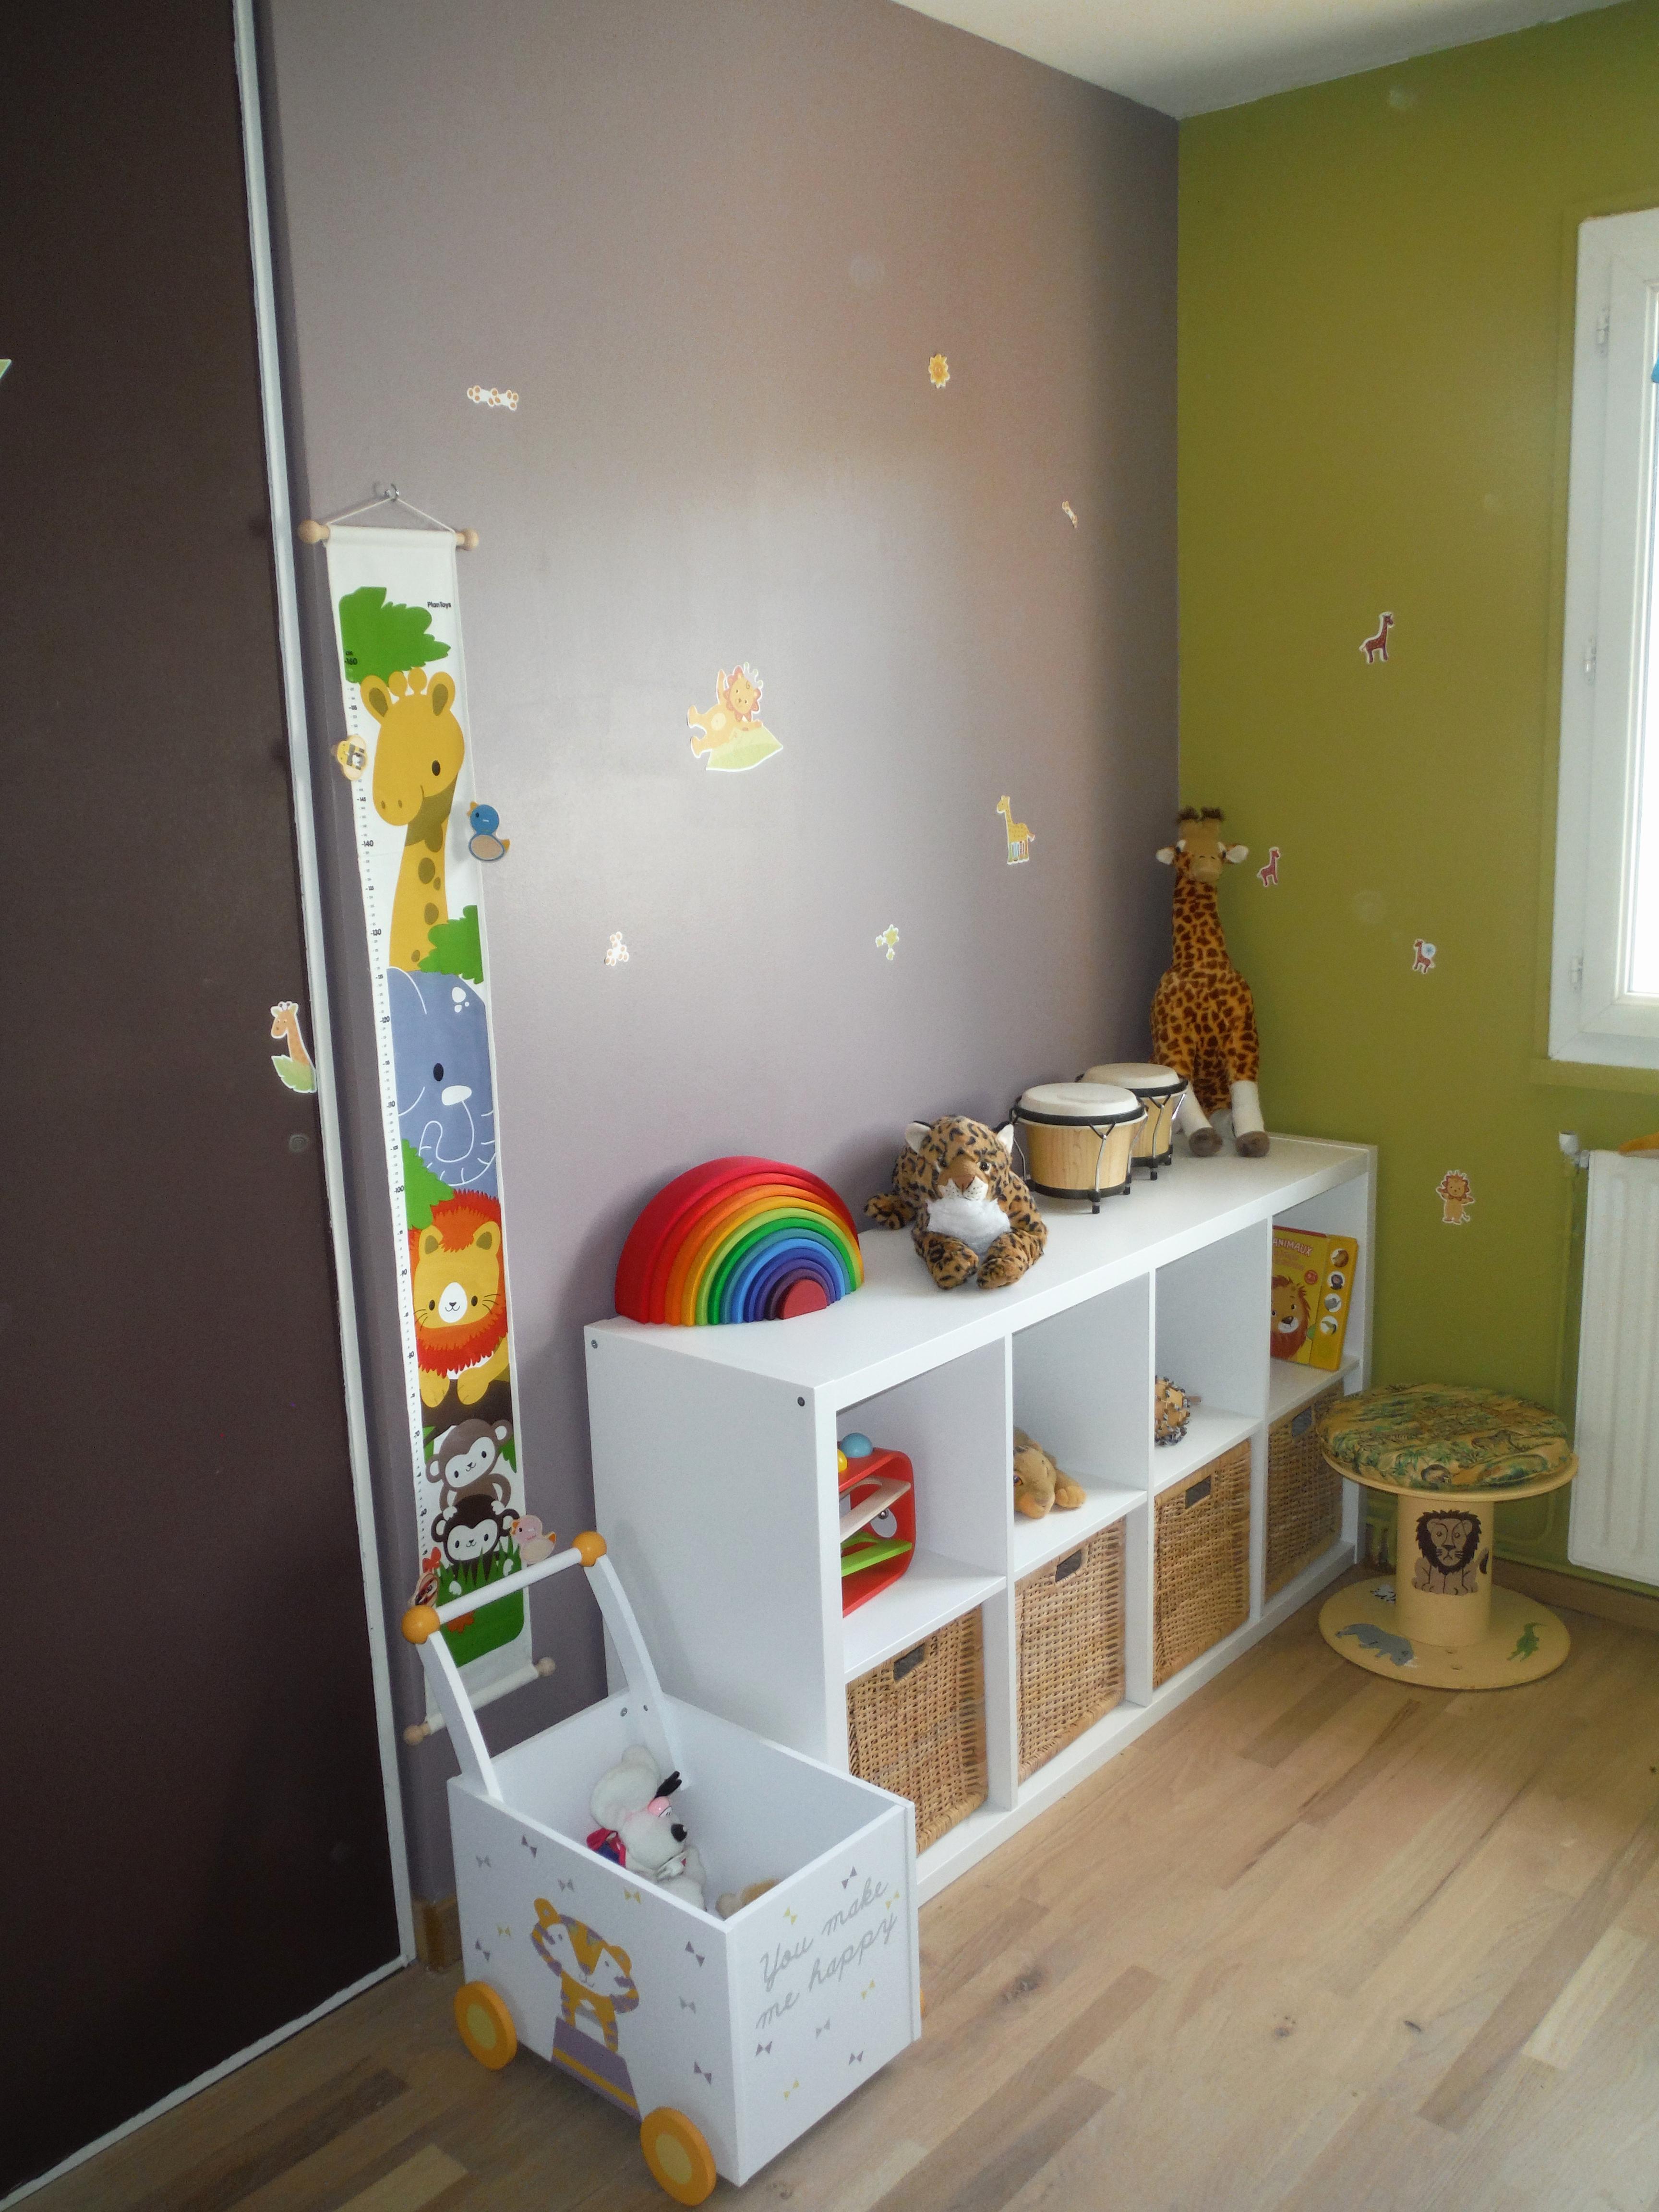 Coffre A Jouet En Bois Ikea Impressionnant Collection 24 Beau Coffre Jouet Bois Ikea